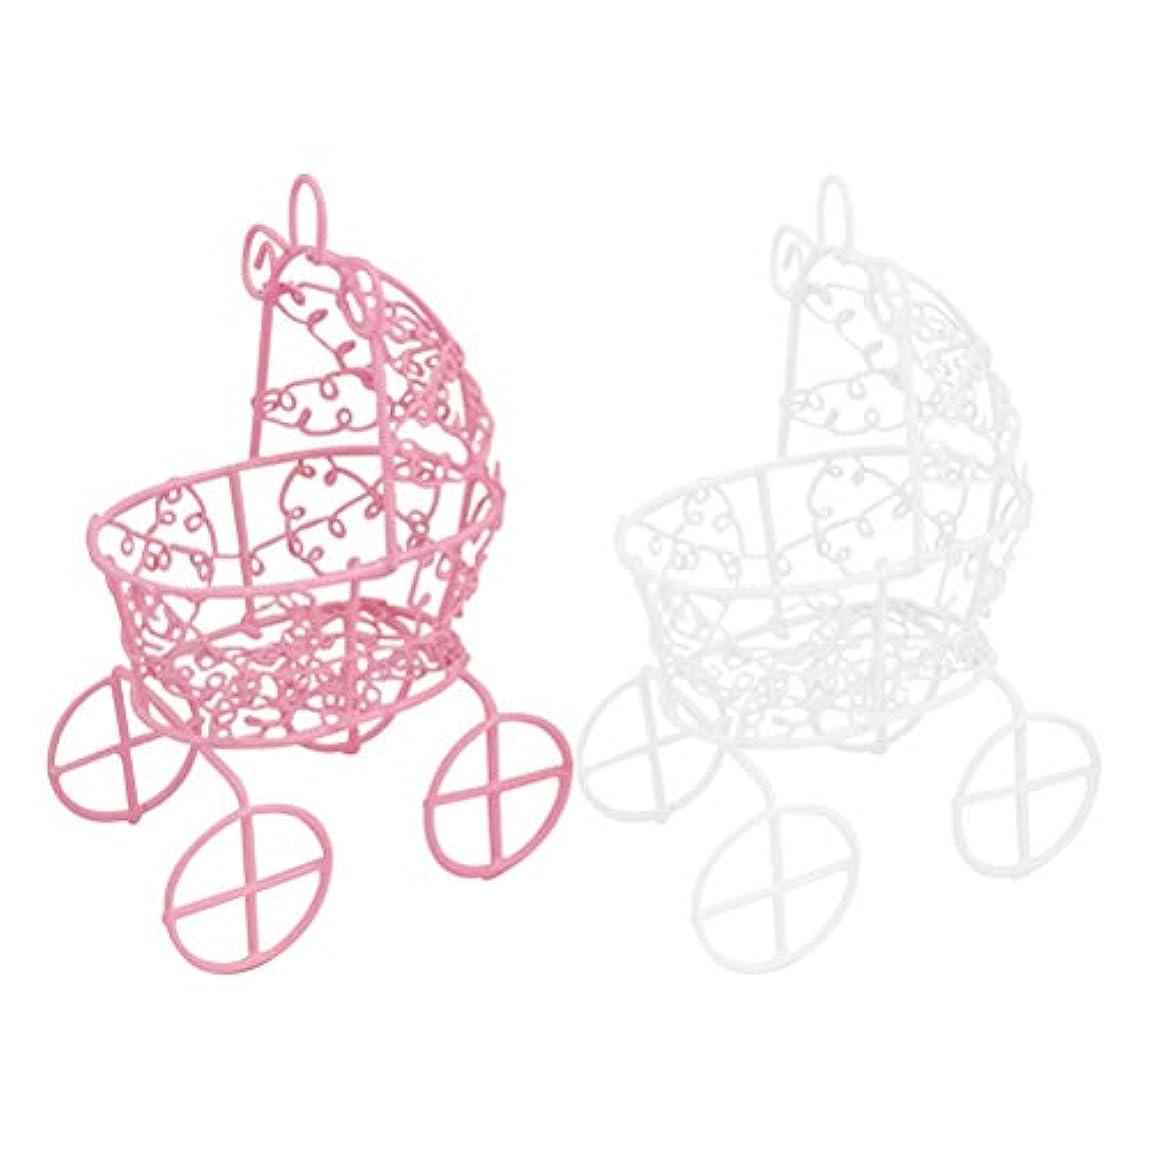 小学生有毒なみぞれFrcolor メイクスポンジスタンド パフホルダー パフ乾燥用スタンド 化粧用パフ收納 カビ防止 小型軽量 2色セット(ピンク+ホワイト)